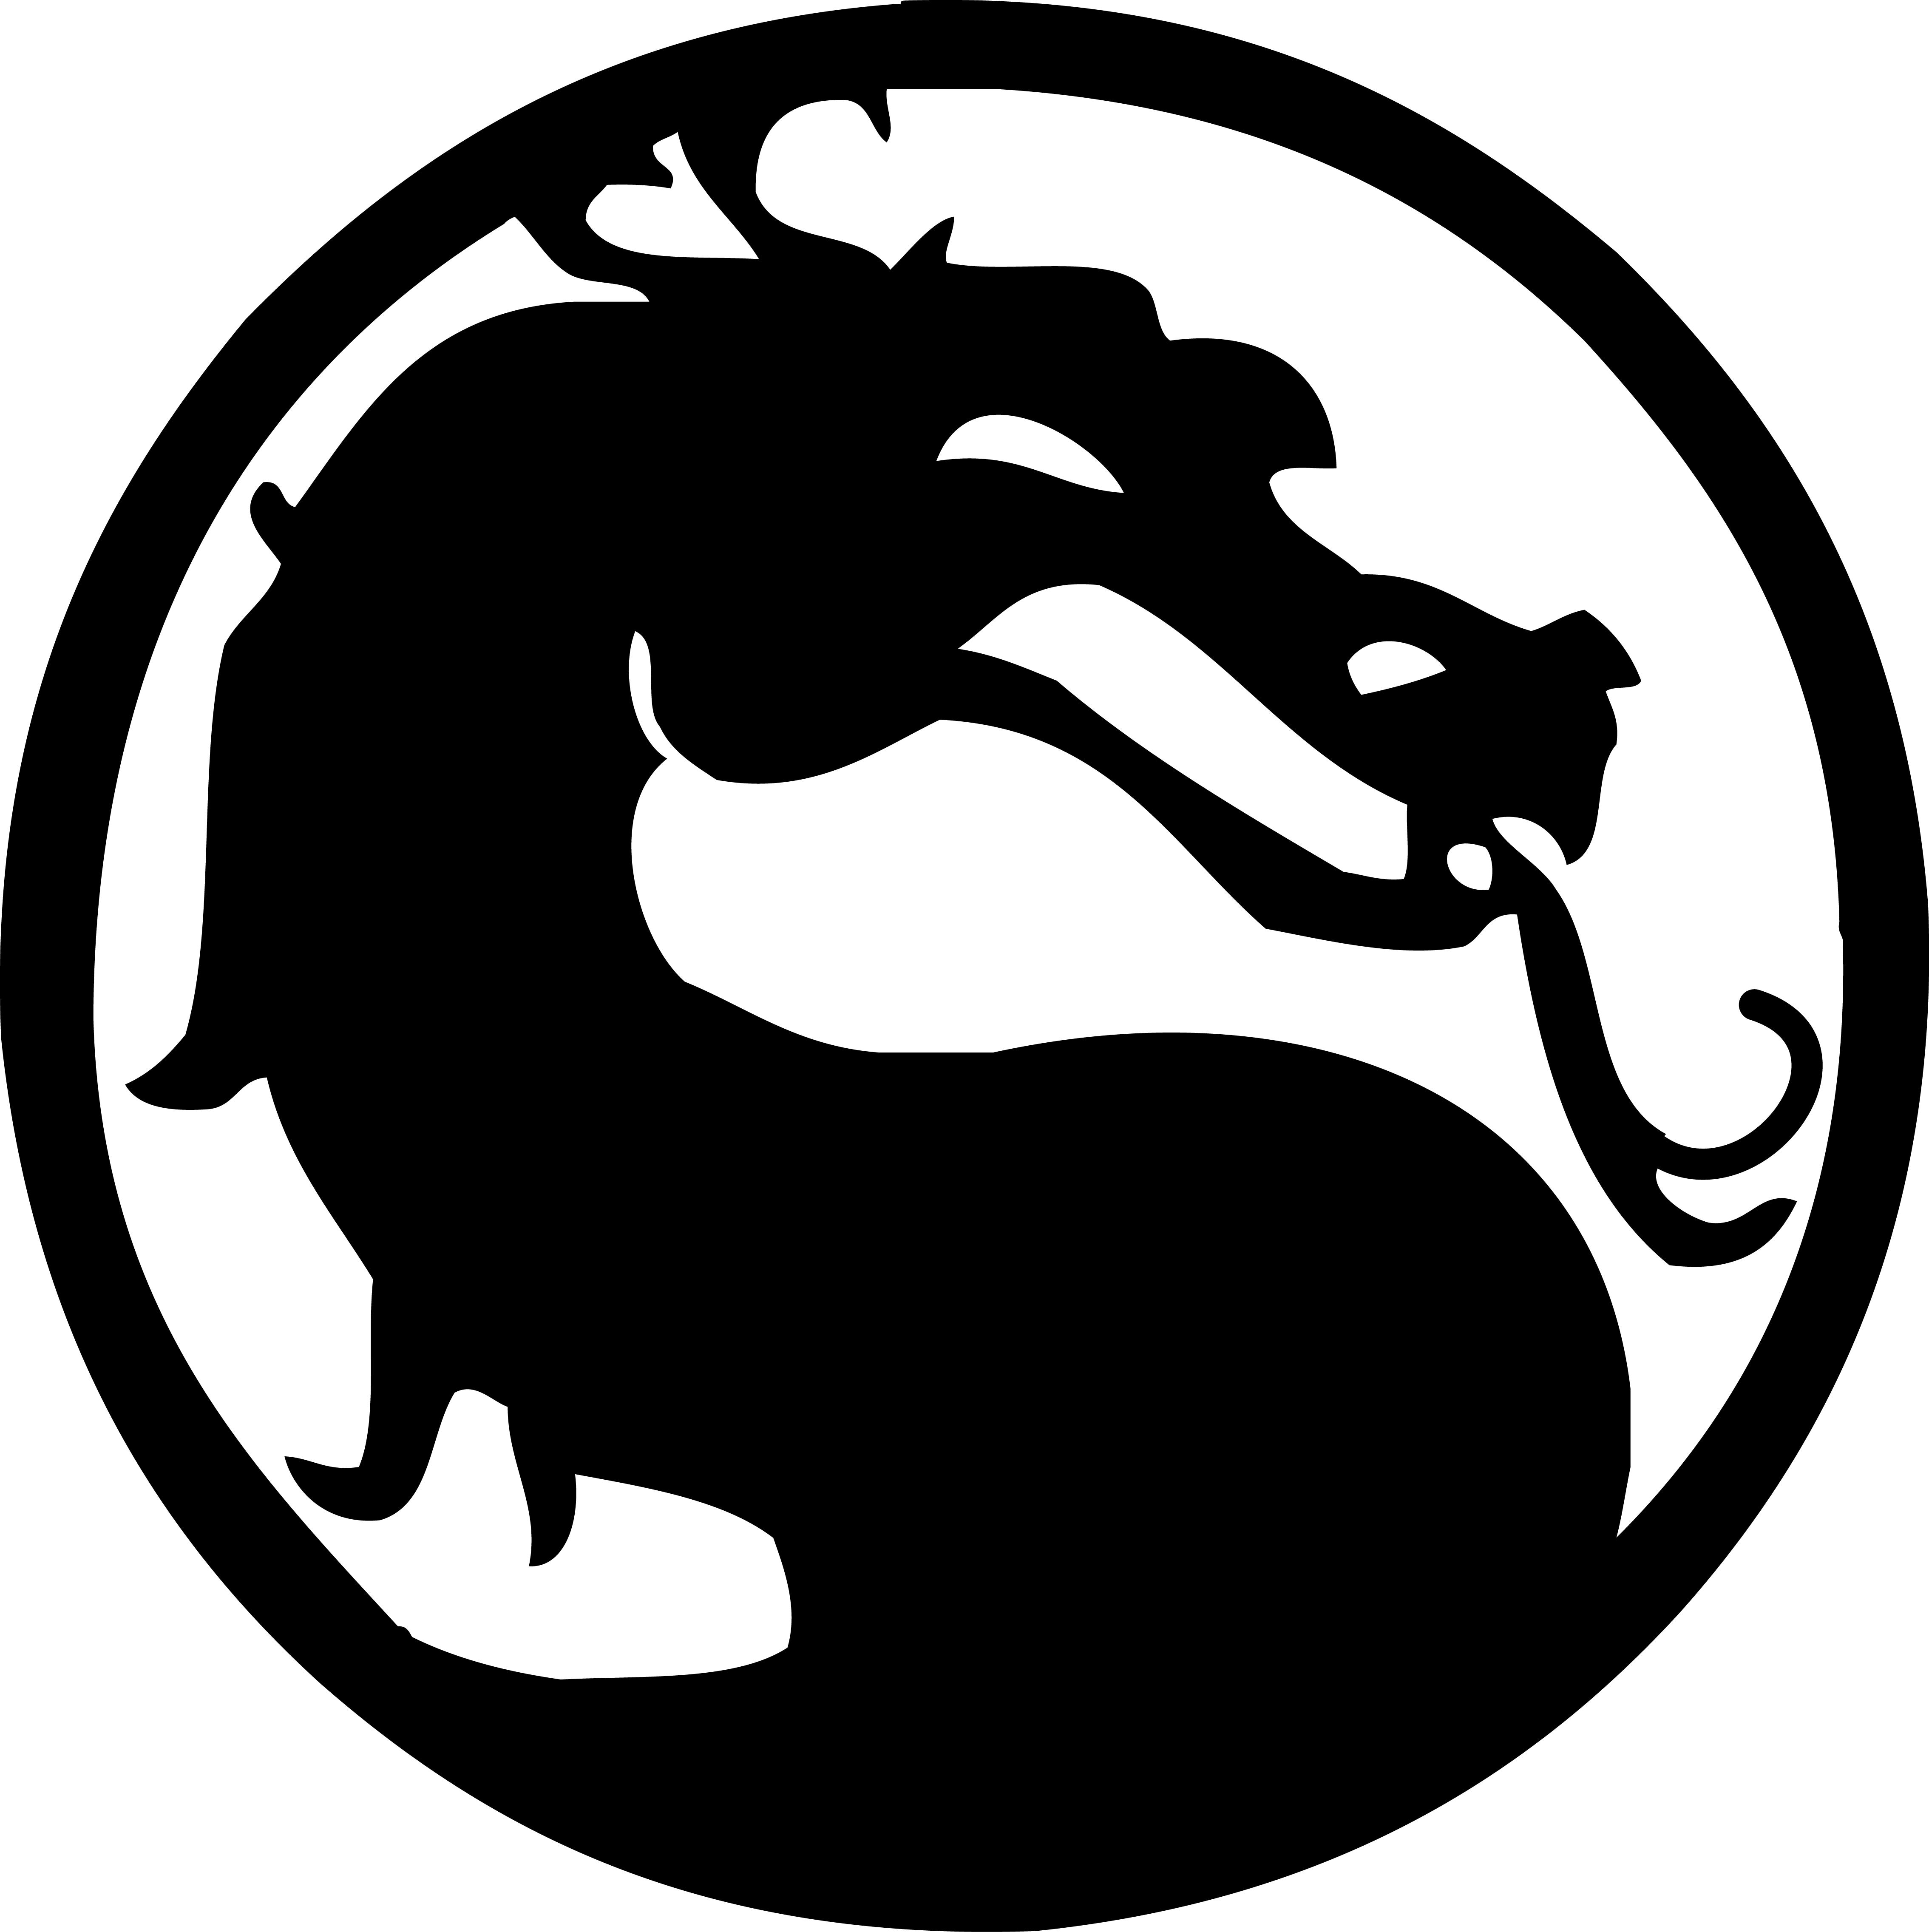 Mortal Kombat Logo Vector Mortal Kombat Eskiz Cherepa Tatuirovki